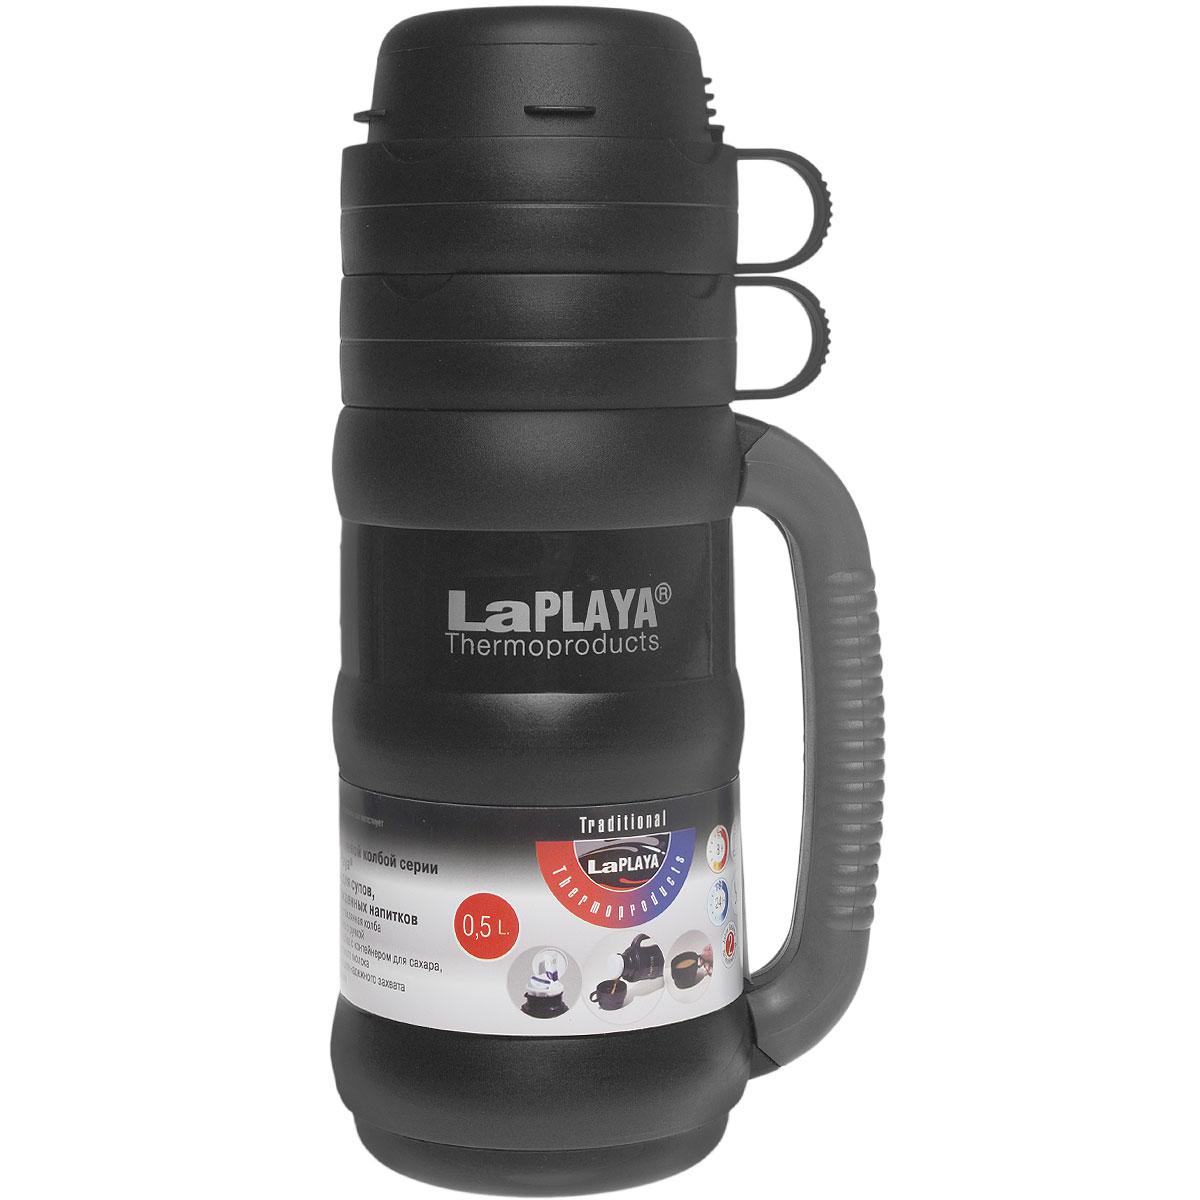 """Термос со стеклянной колбой LaPlaya """"Traditional 35"""" предназначен для супов, горячих и охлажденных напитков.Особенности термоса:Прочная и надежная стеклянная колба.Полноразмерная чашка с ручкой.Завинчивающаяся пробка с контейнером для сахара, пакетика чая, кофе, сухого молока.Прорезиненная ручка для надежного захвата против выскальзывания.Высота термоса: 28 см.Диаметр термоса (без учета ручки): 10 см.Сохраняет тепло: 8 ч.Сохраняет холод: 24 ч."""